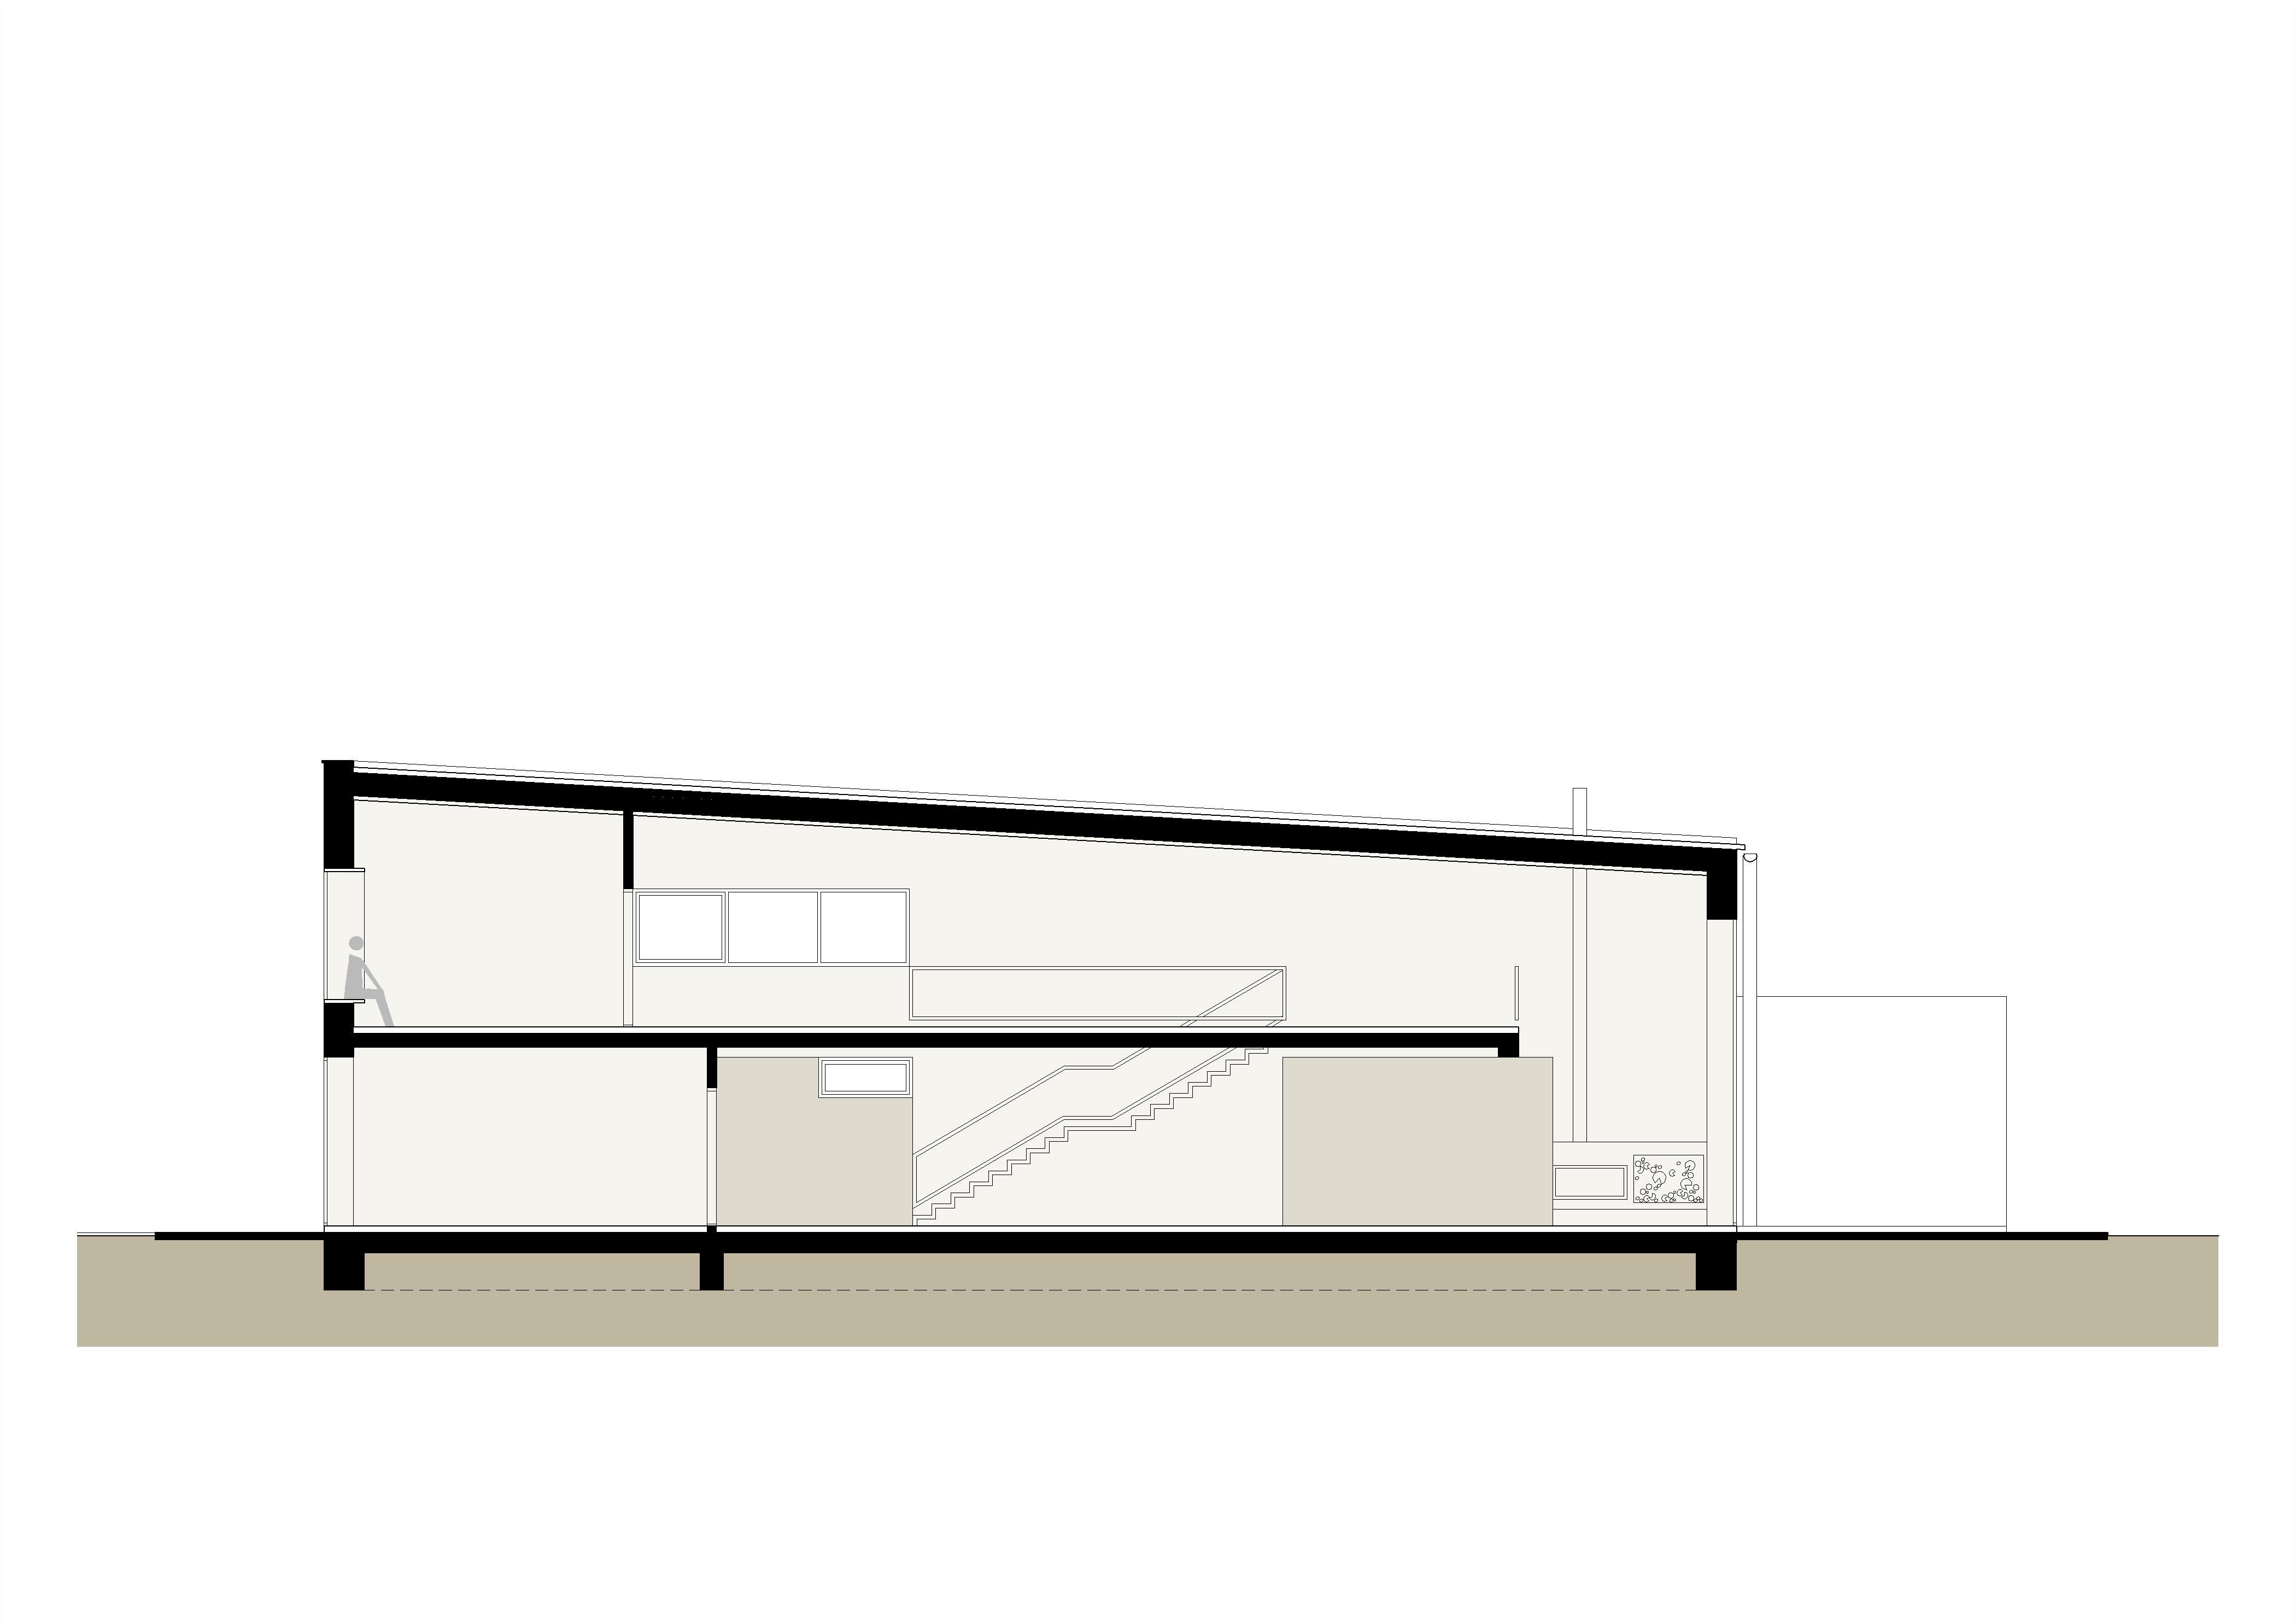 Projekt stavby rodinného domu V 18